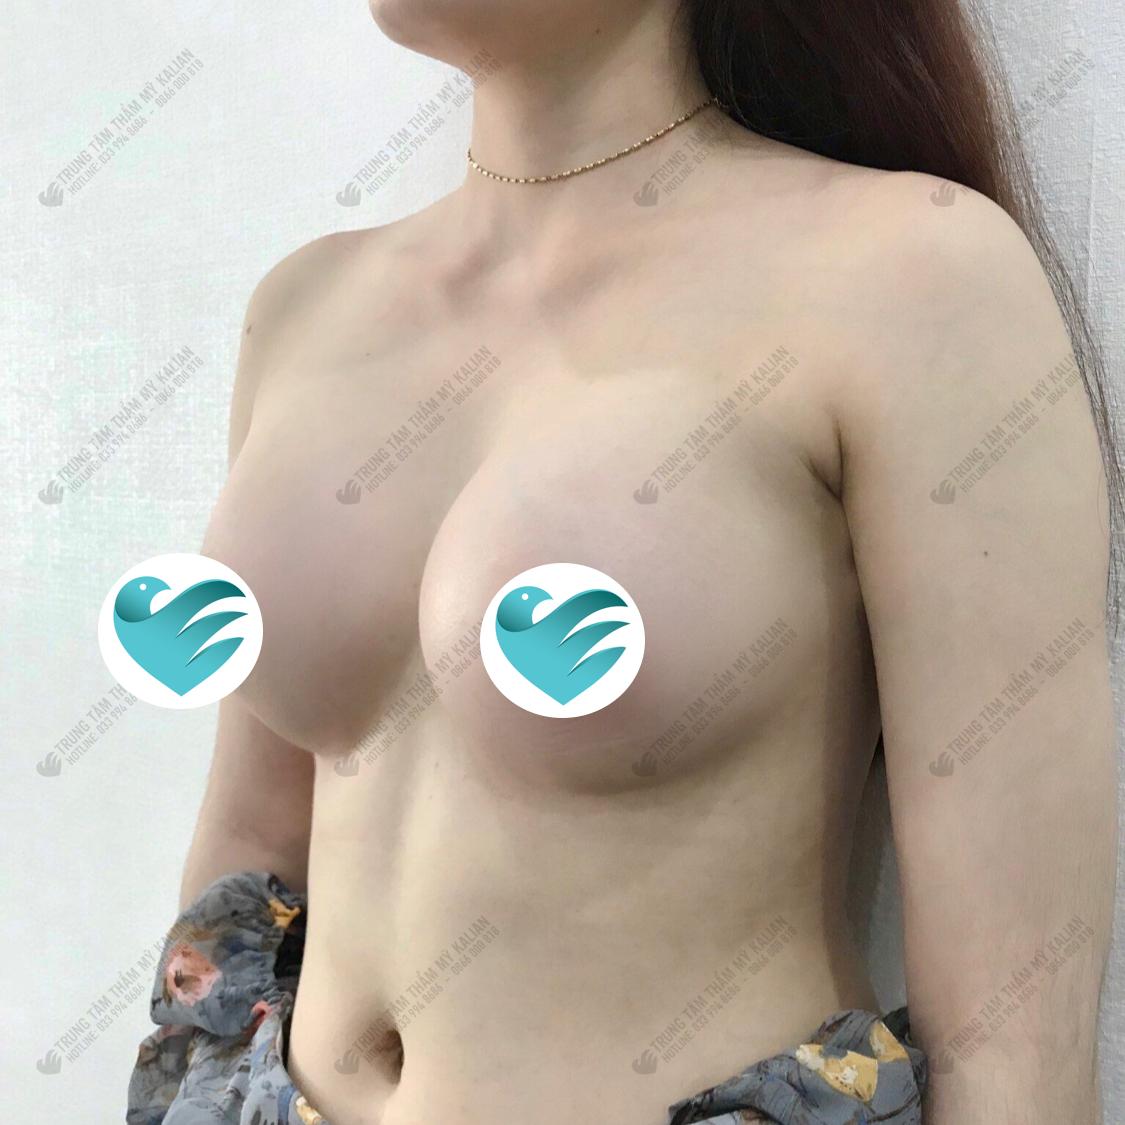 khách hàng sau khi nâng ngực